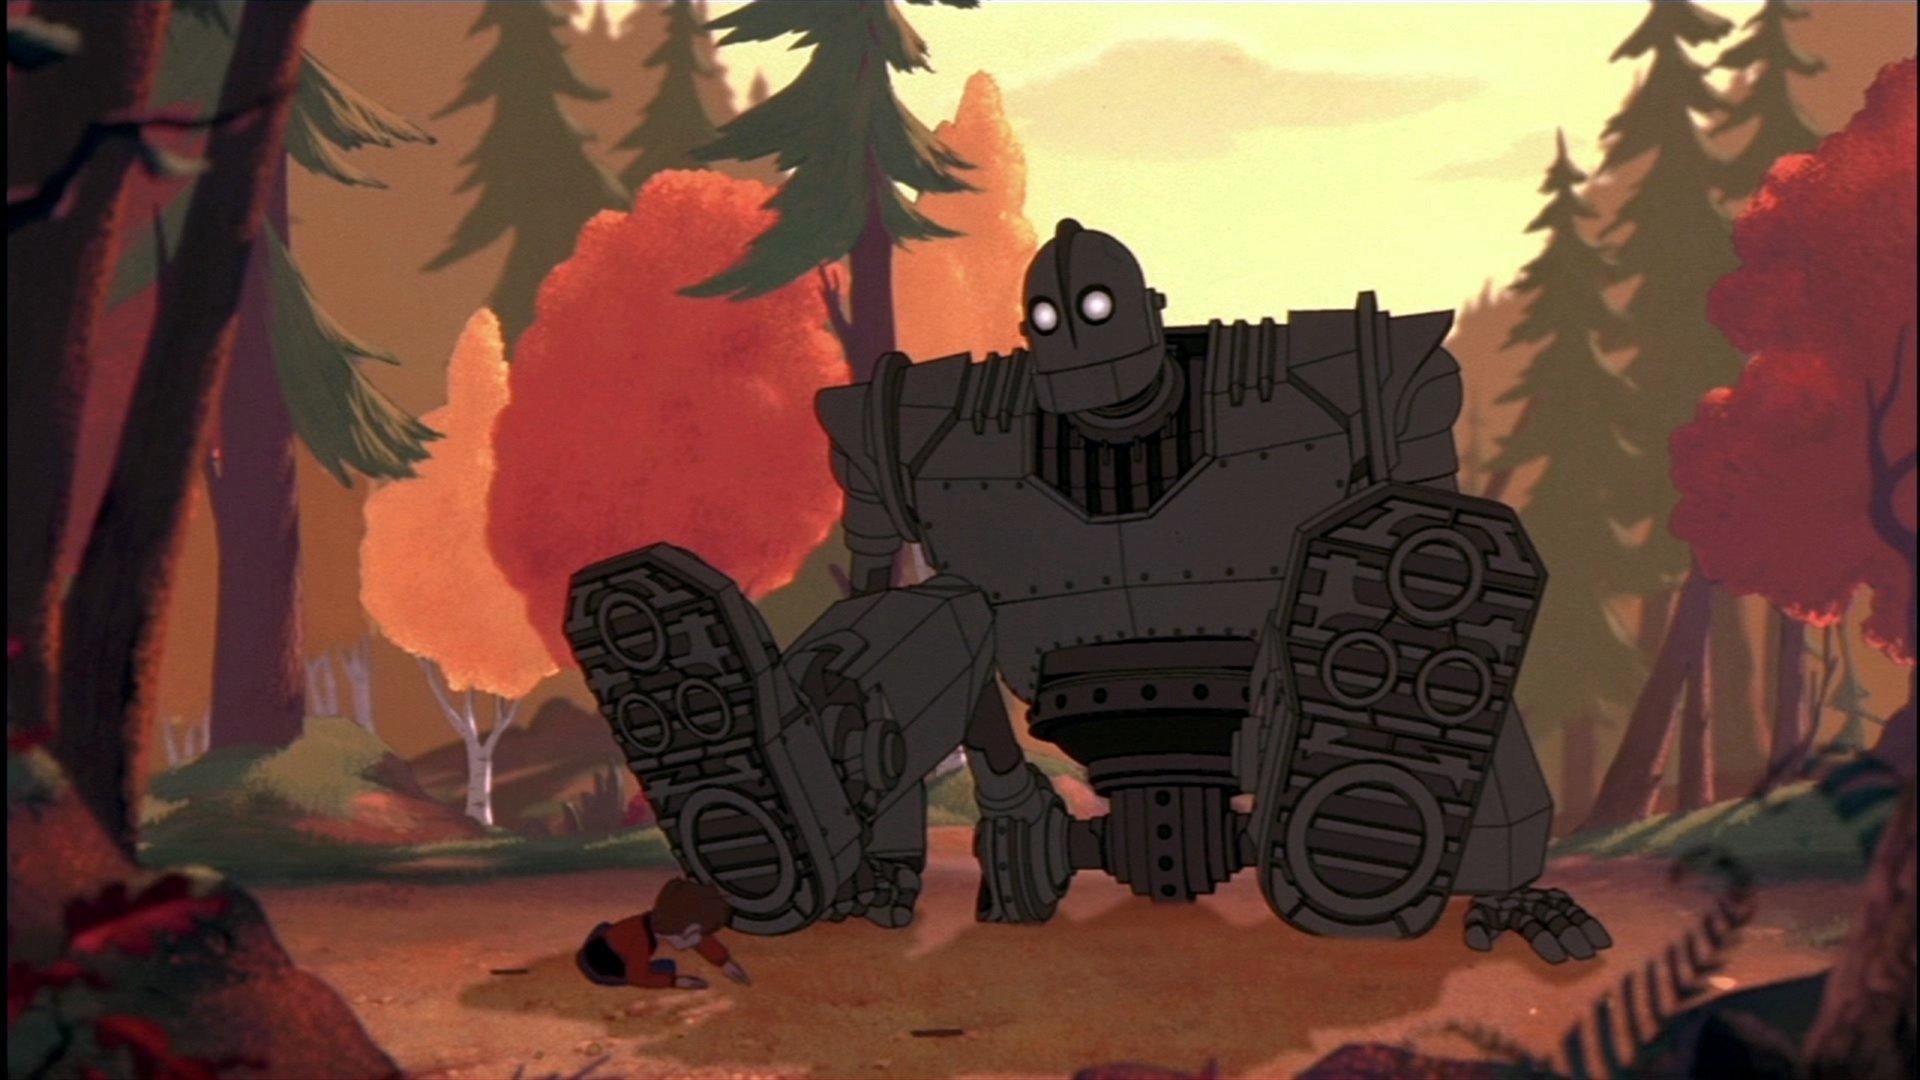 2. The Iron Giant